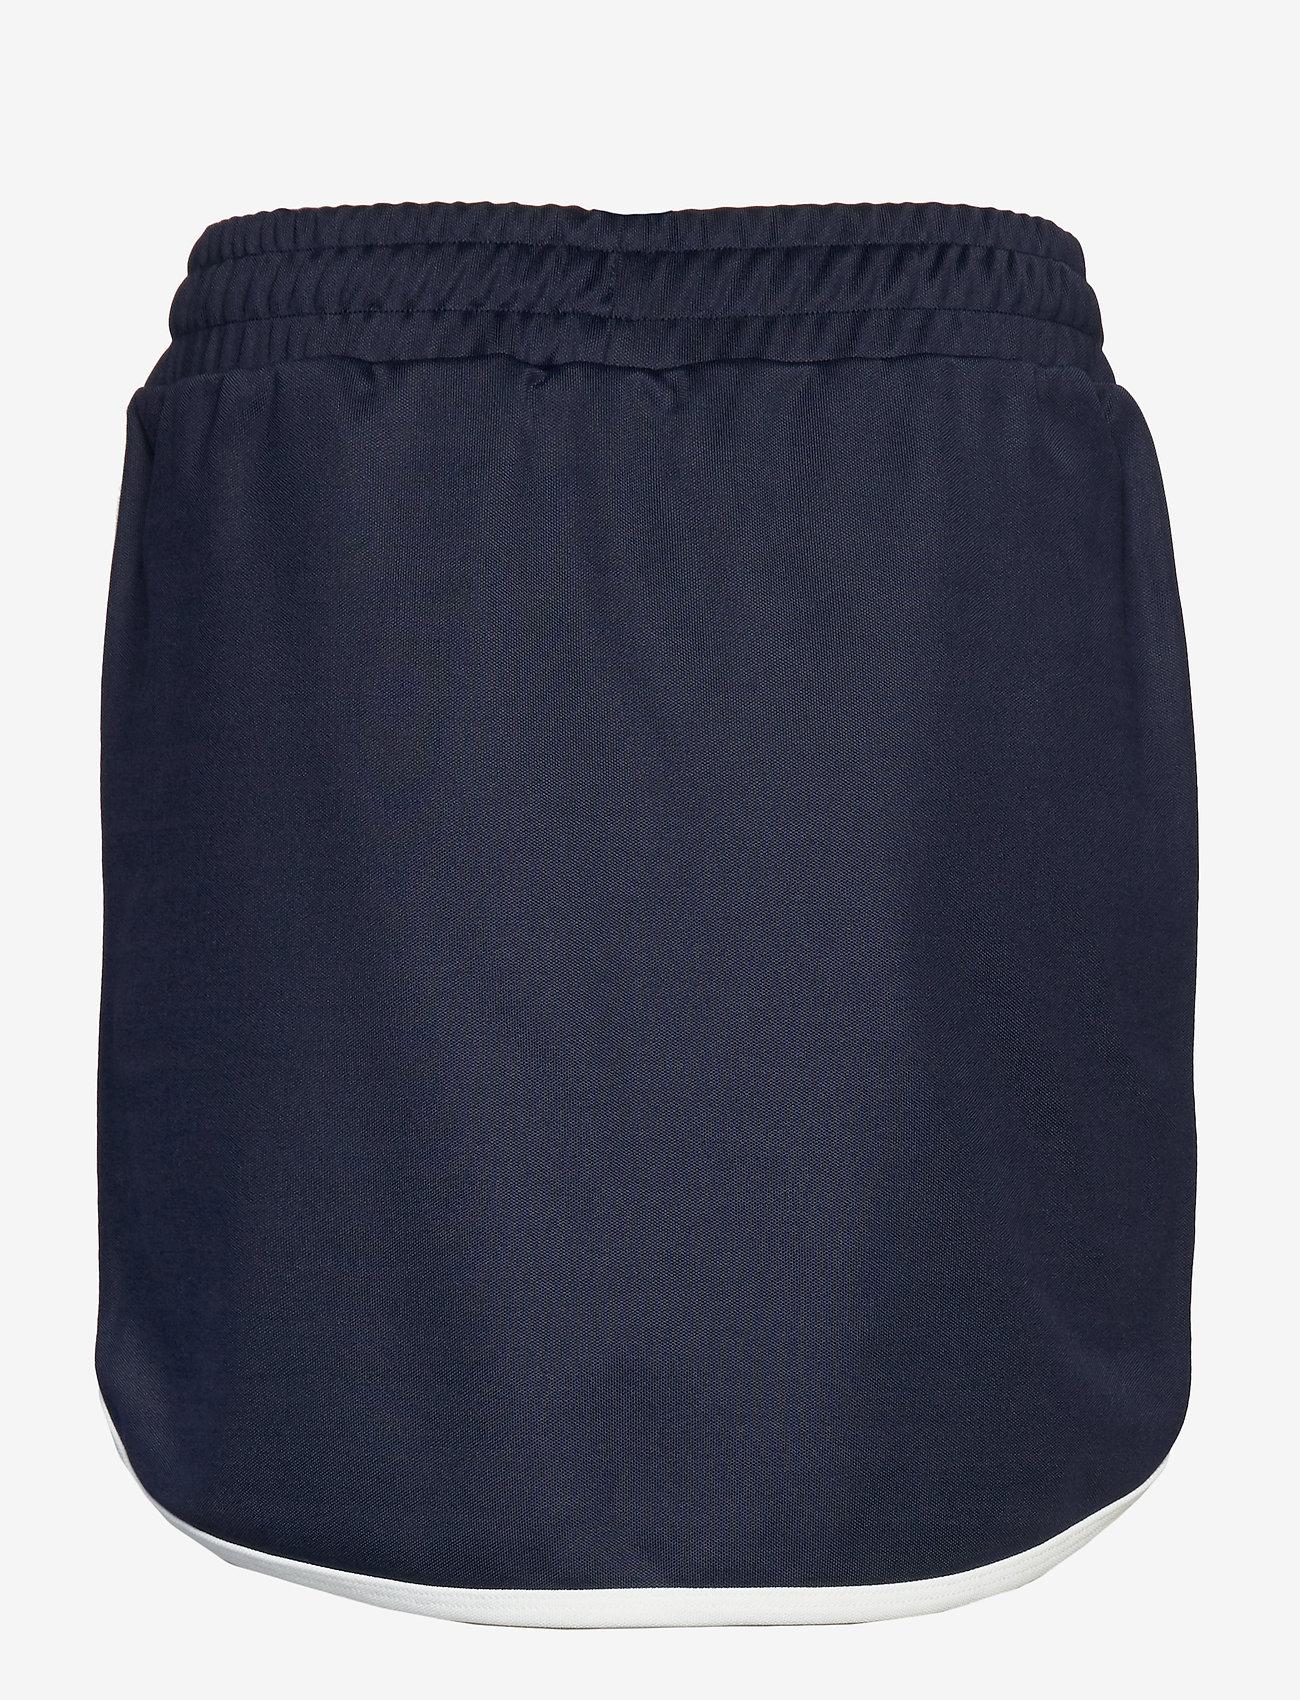 FILA - WOMEN WIES skirt - treningsskjørt - black iris - 1